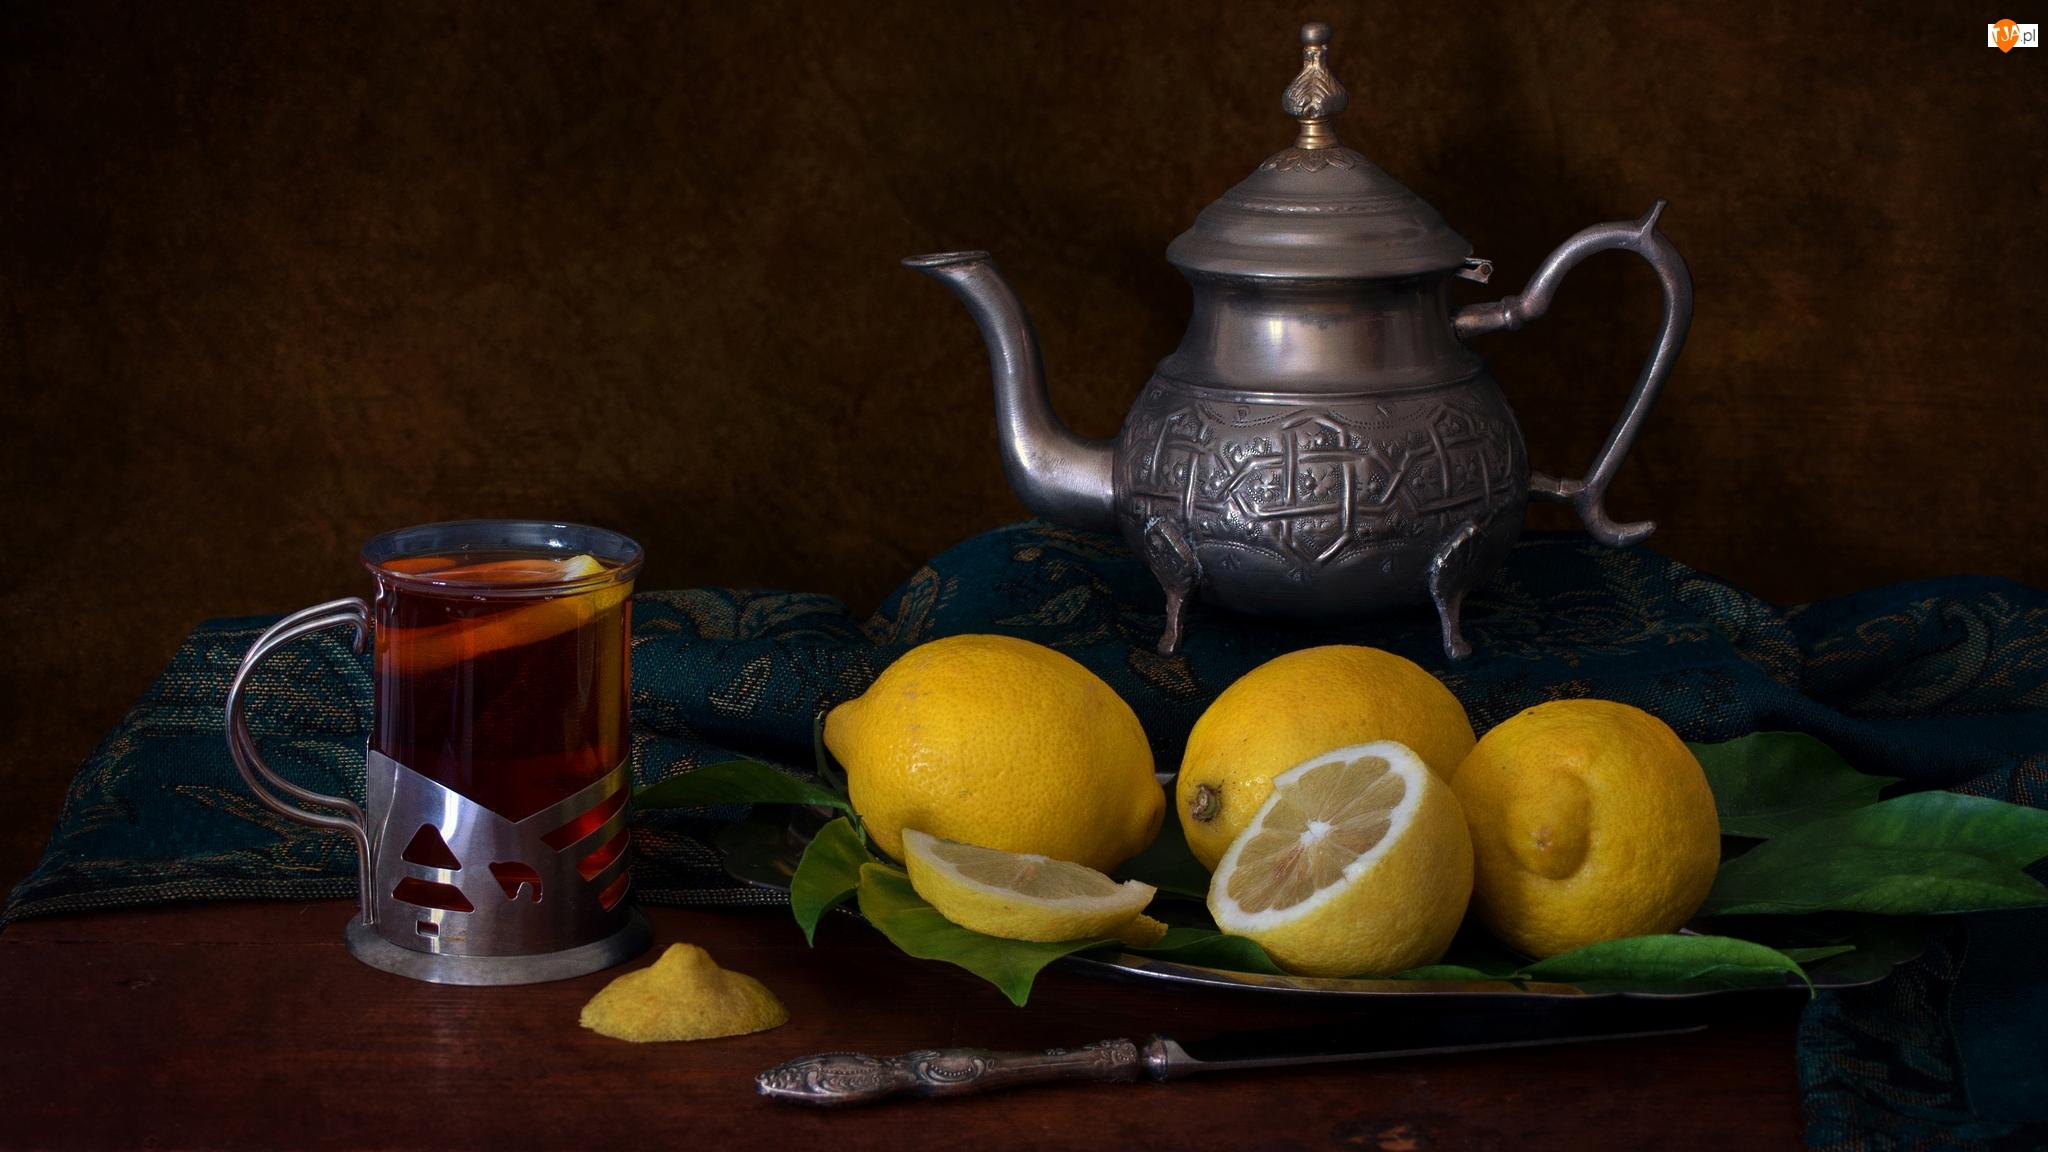 Szklanka, Cytryny, Herbata, Kompozycja, Dzbanek